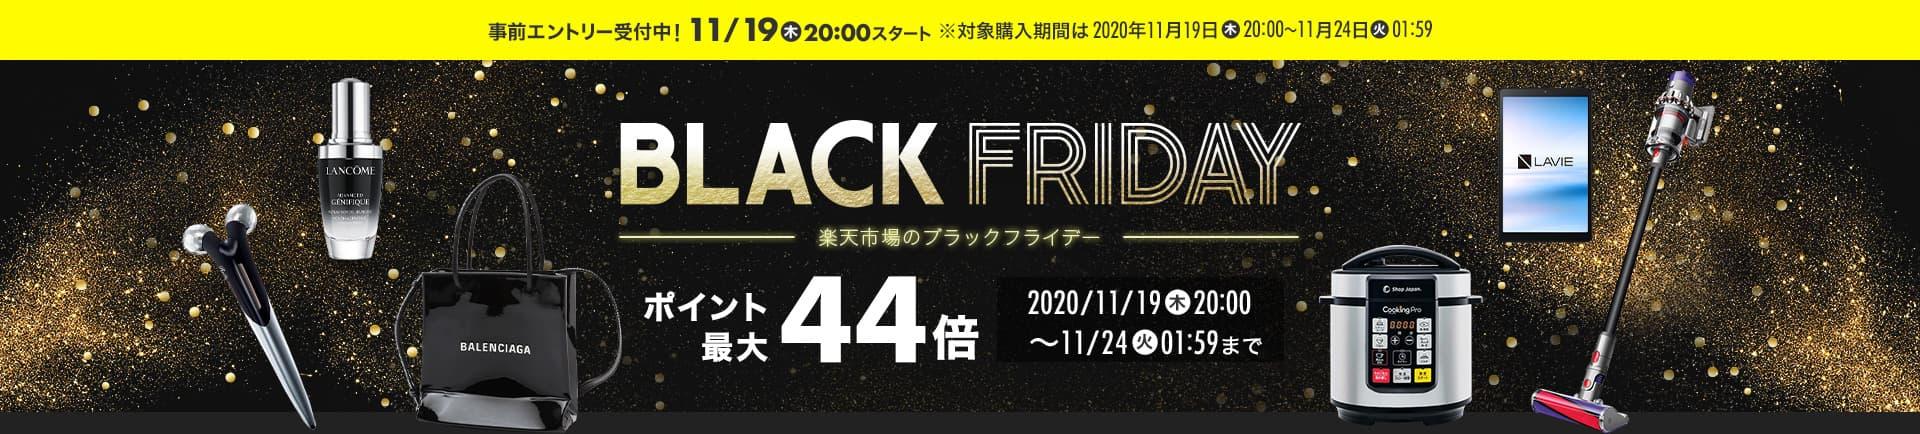 楽天ブラックフライデー11/19(木)夜8時からスタート!エントリーしよう(2020)